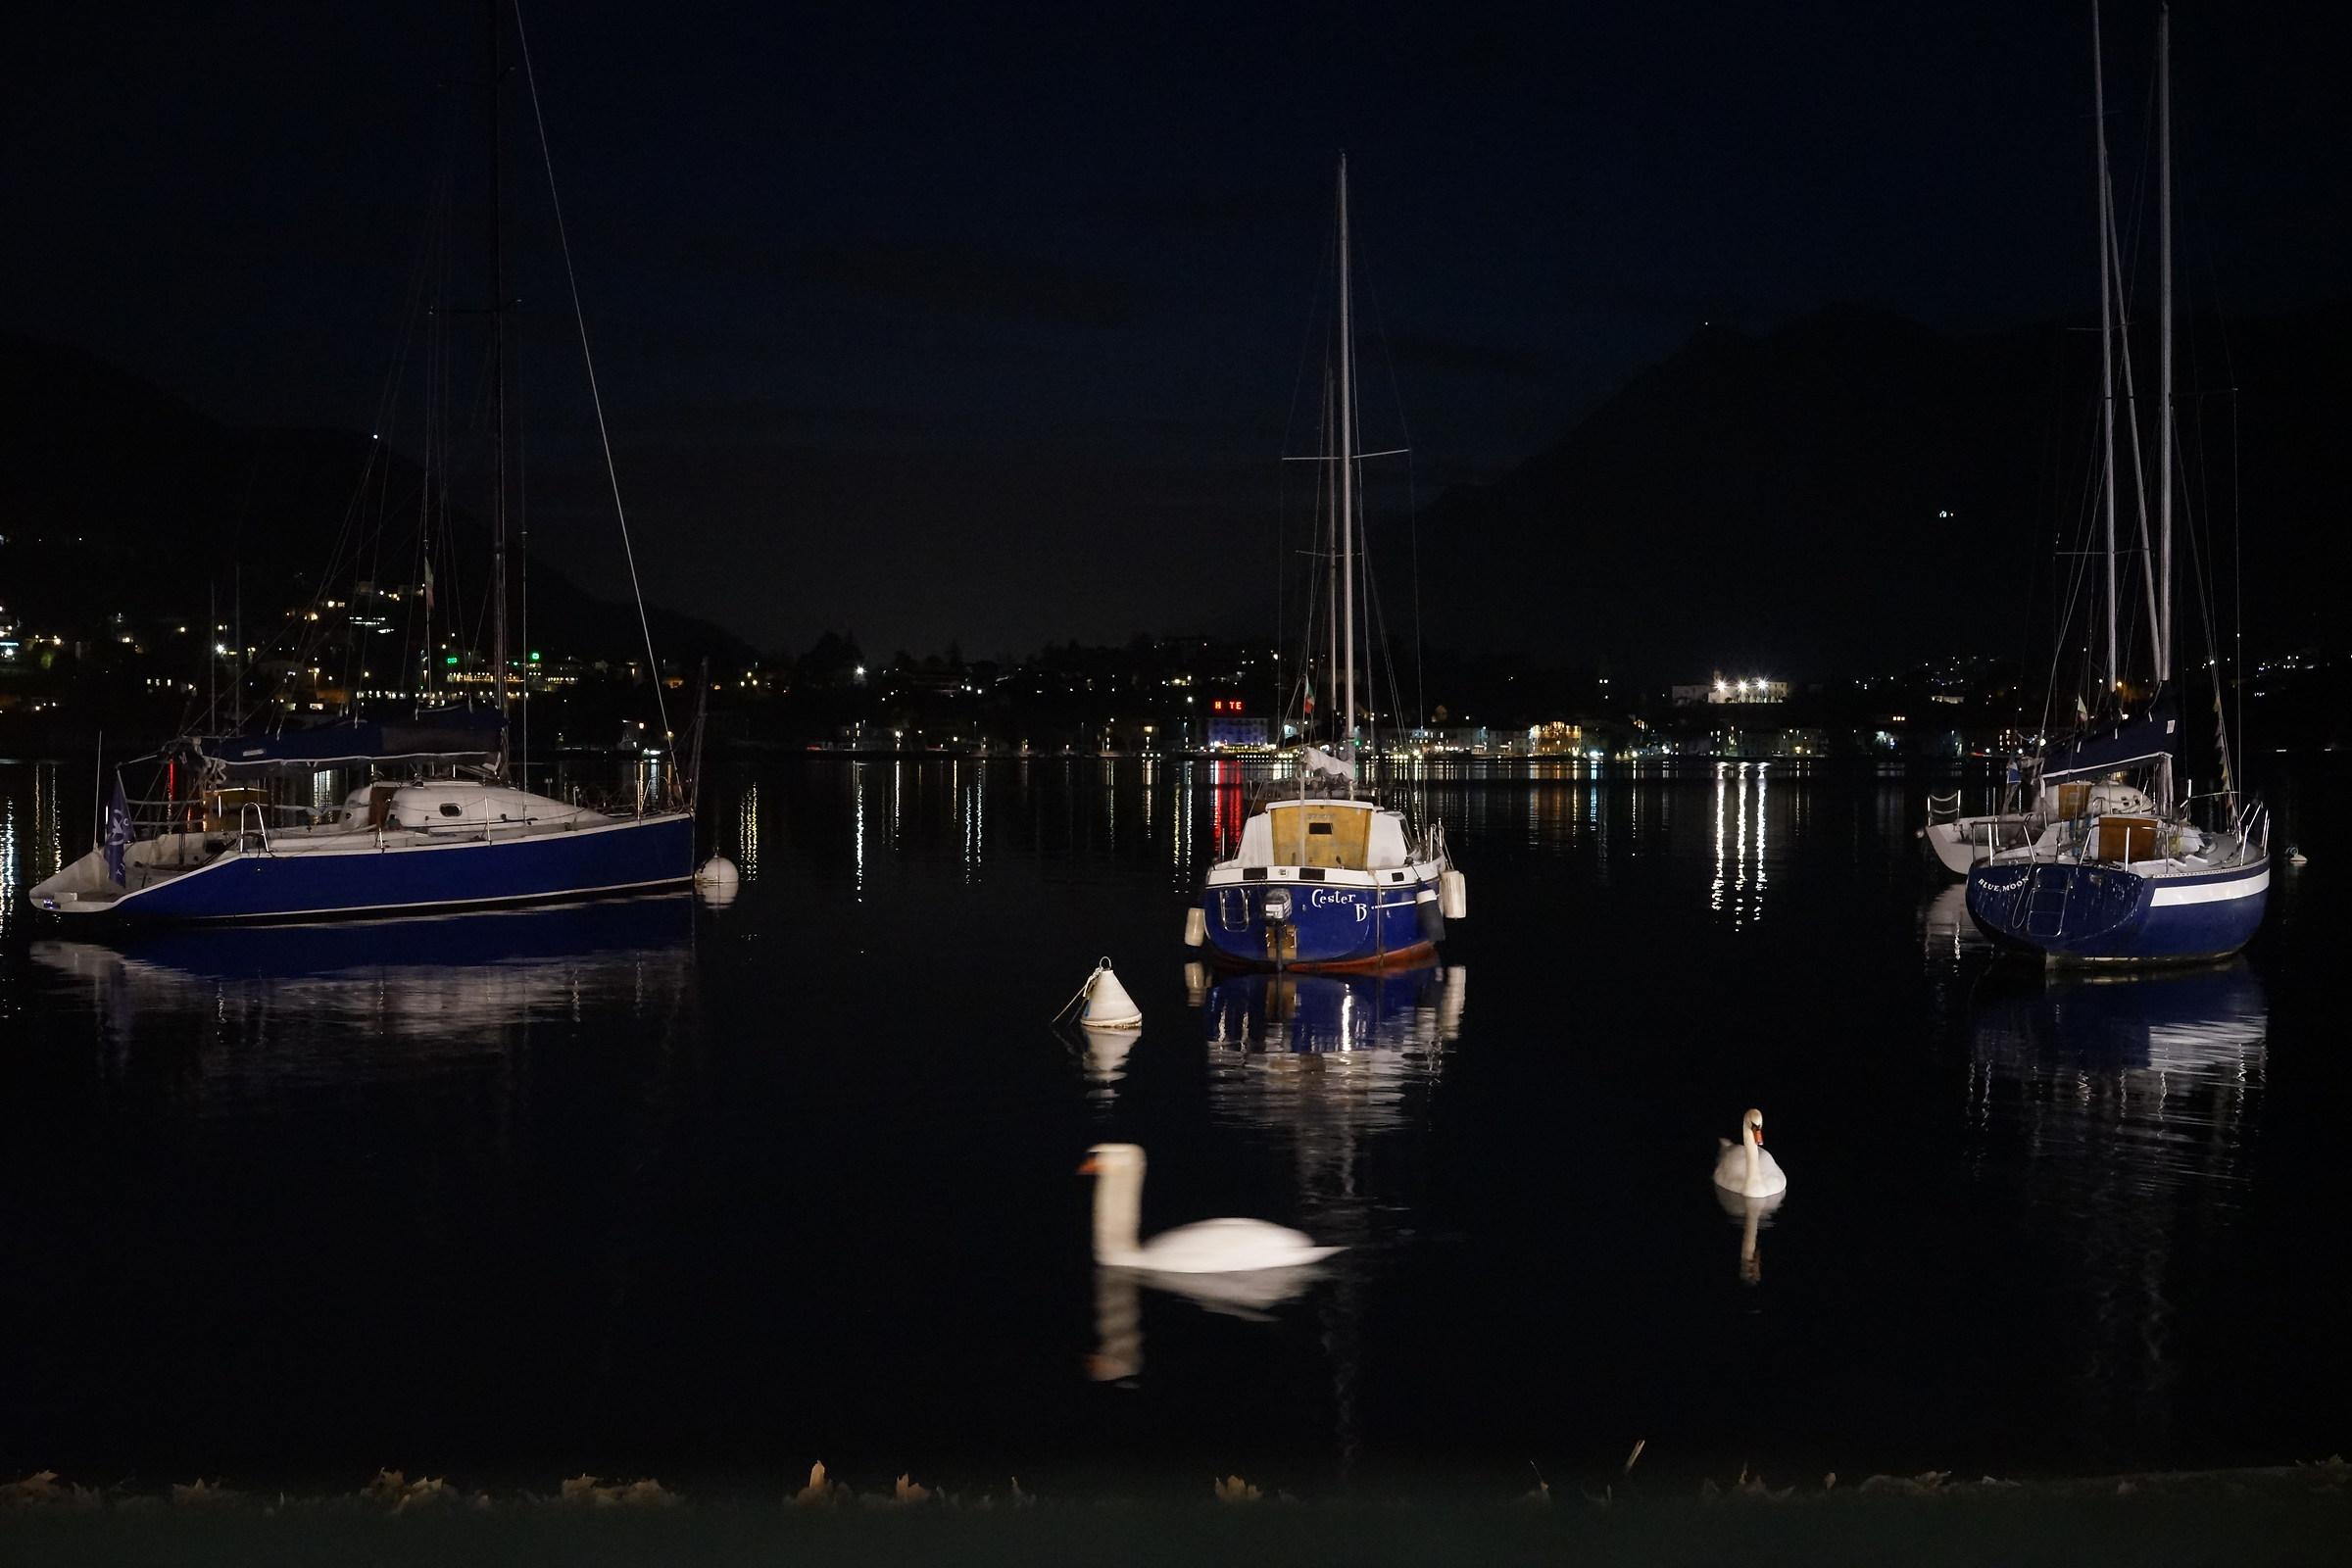 Lago di Lecco, notturno con barche 2...